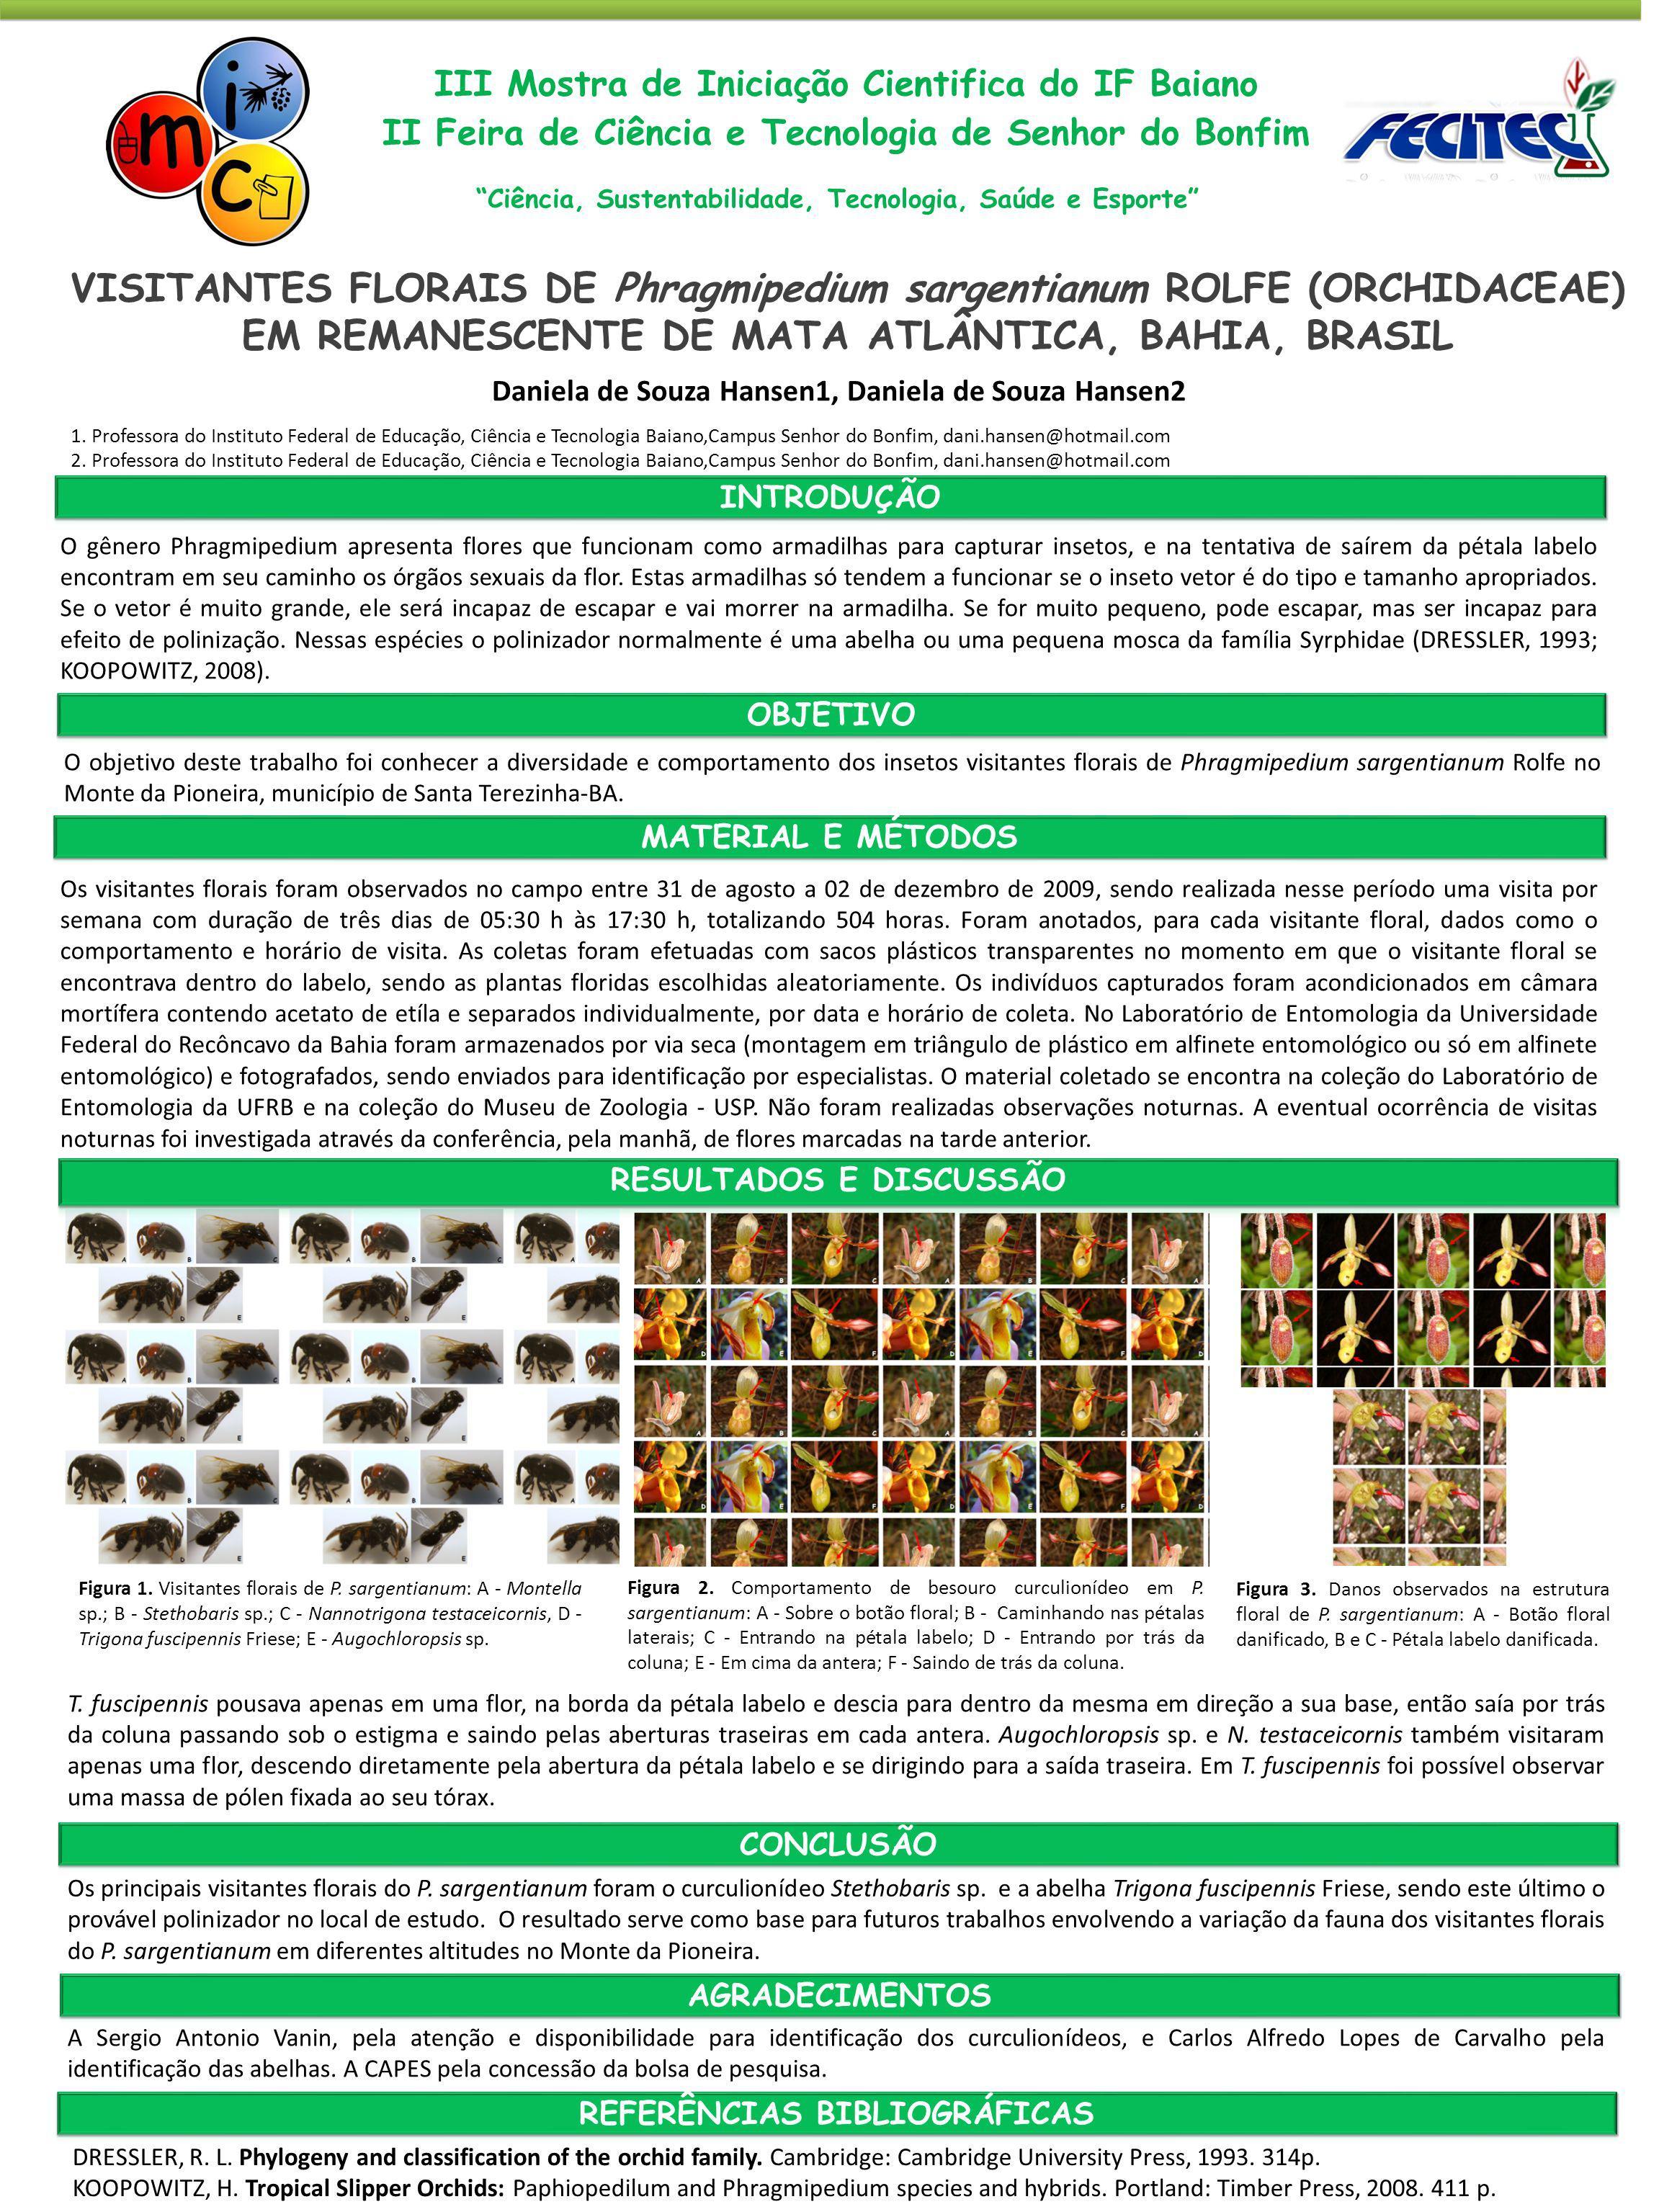 III Mostra de Iniciação Cientifica do IF Baiano